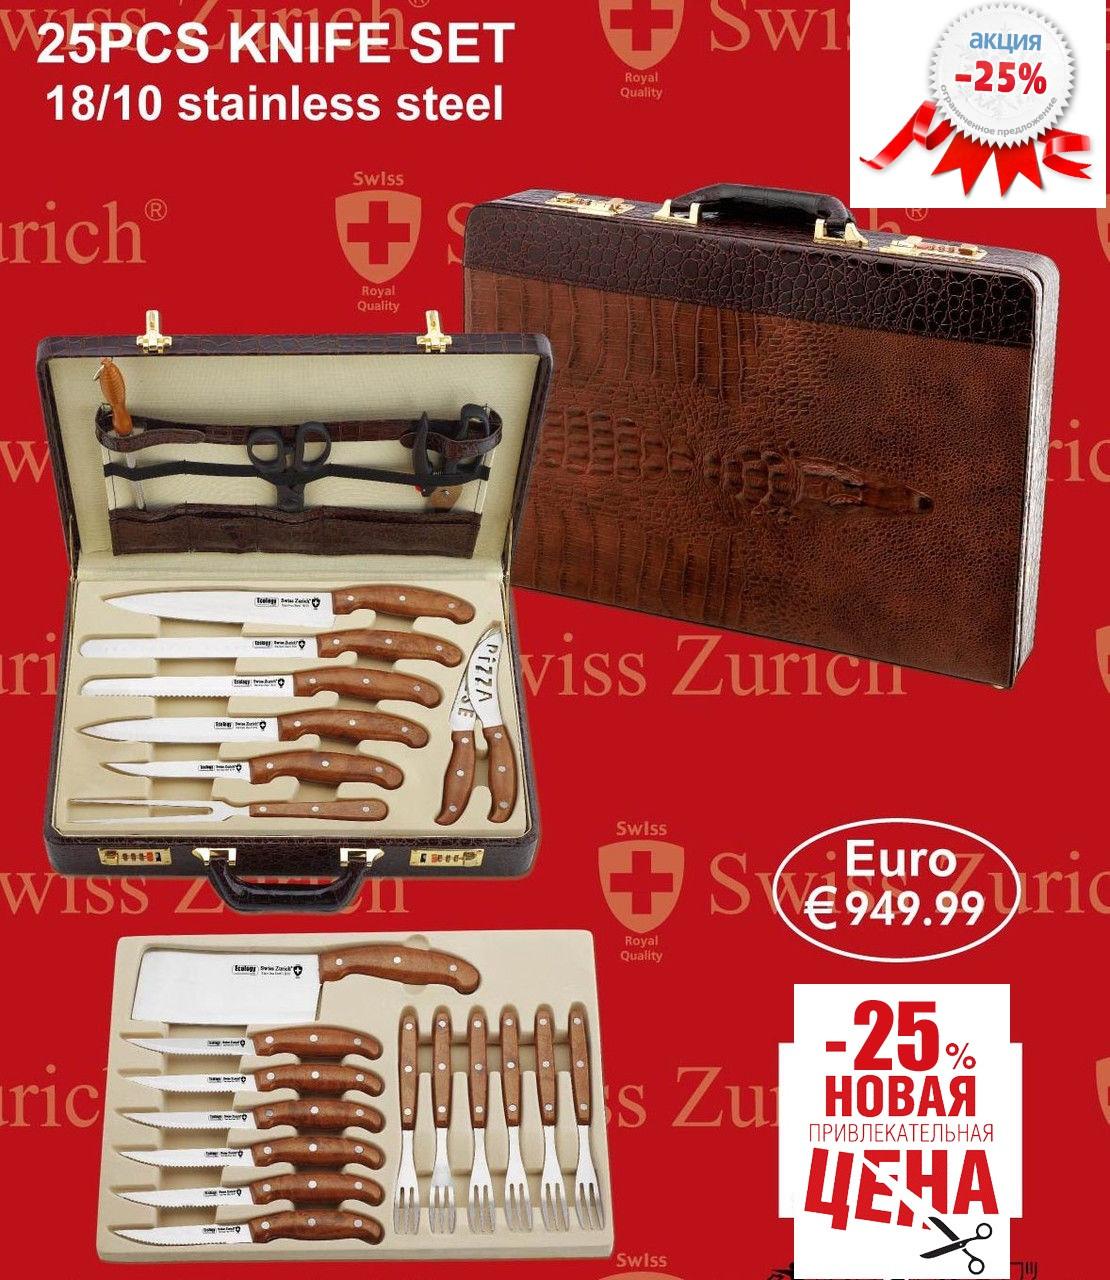 """Набор ножей в чемодане 25 предметов """"Swiss Zurich SВ-400"""".Швейцарское качество"""